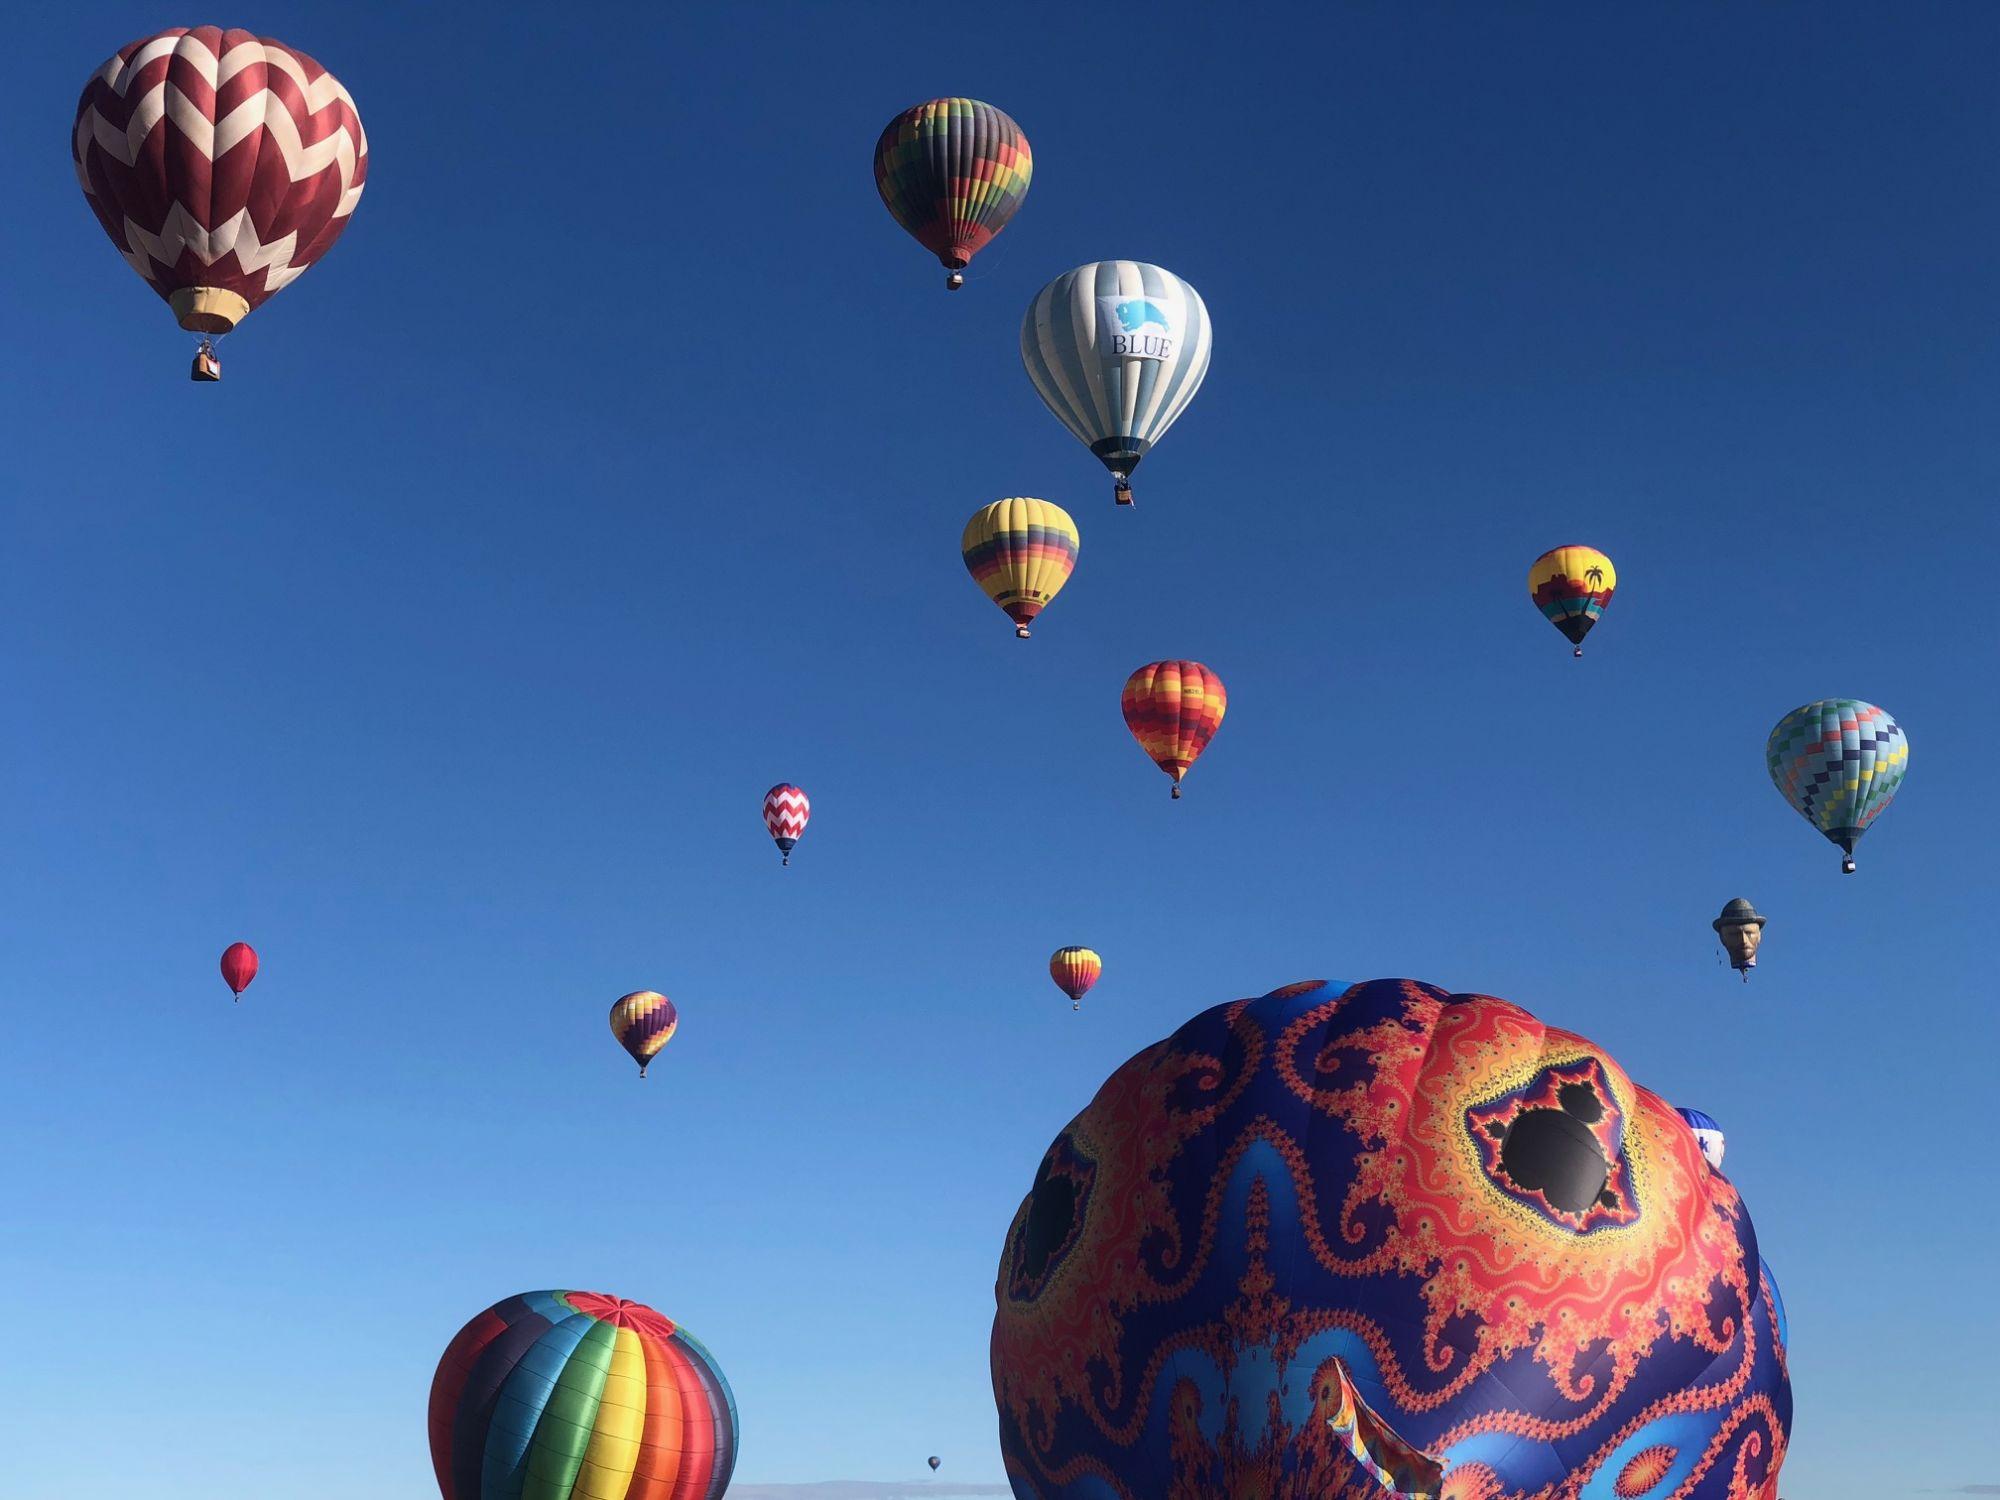 פסטיבל כדורים פורחים באלבאקורקי, ניו מקסיקו